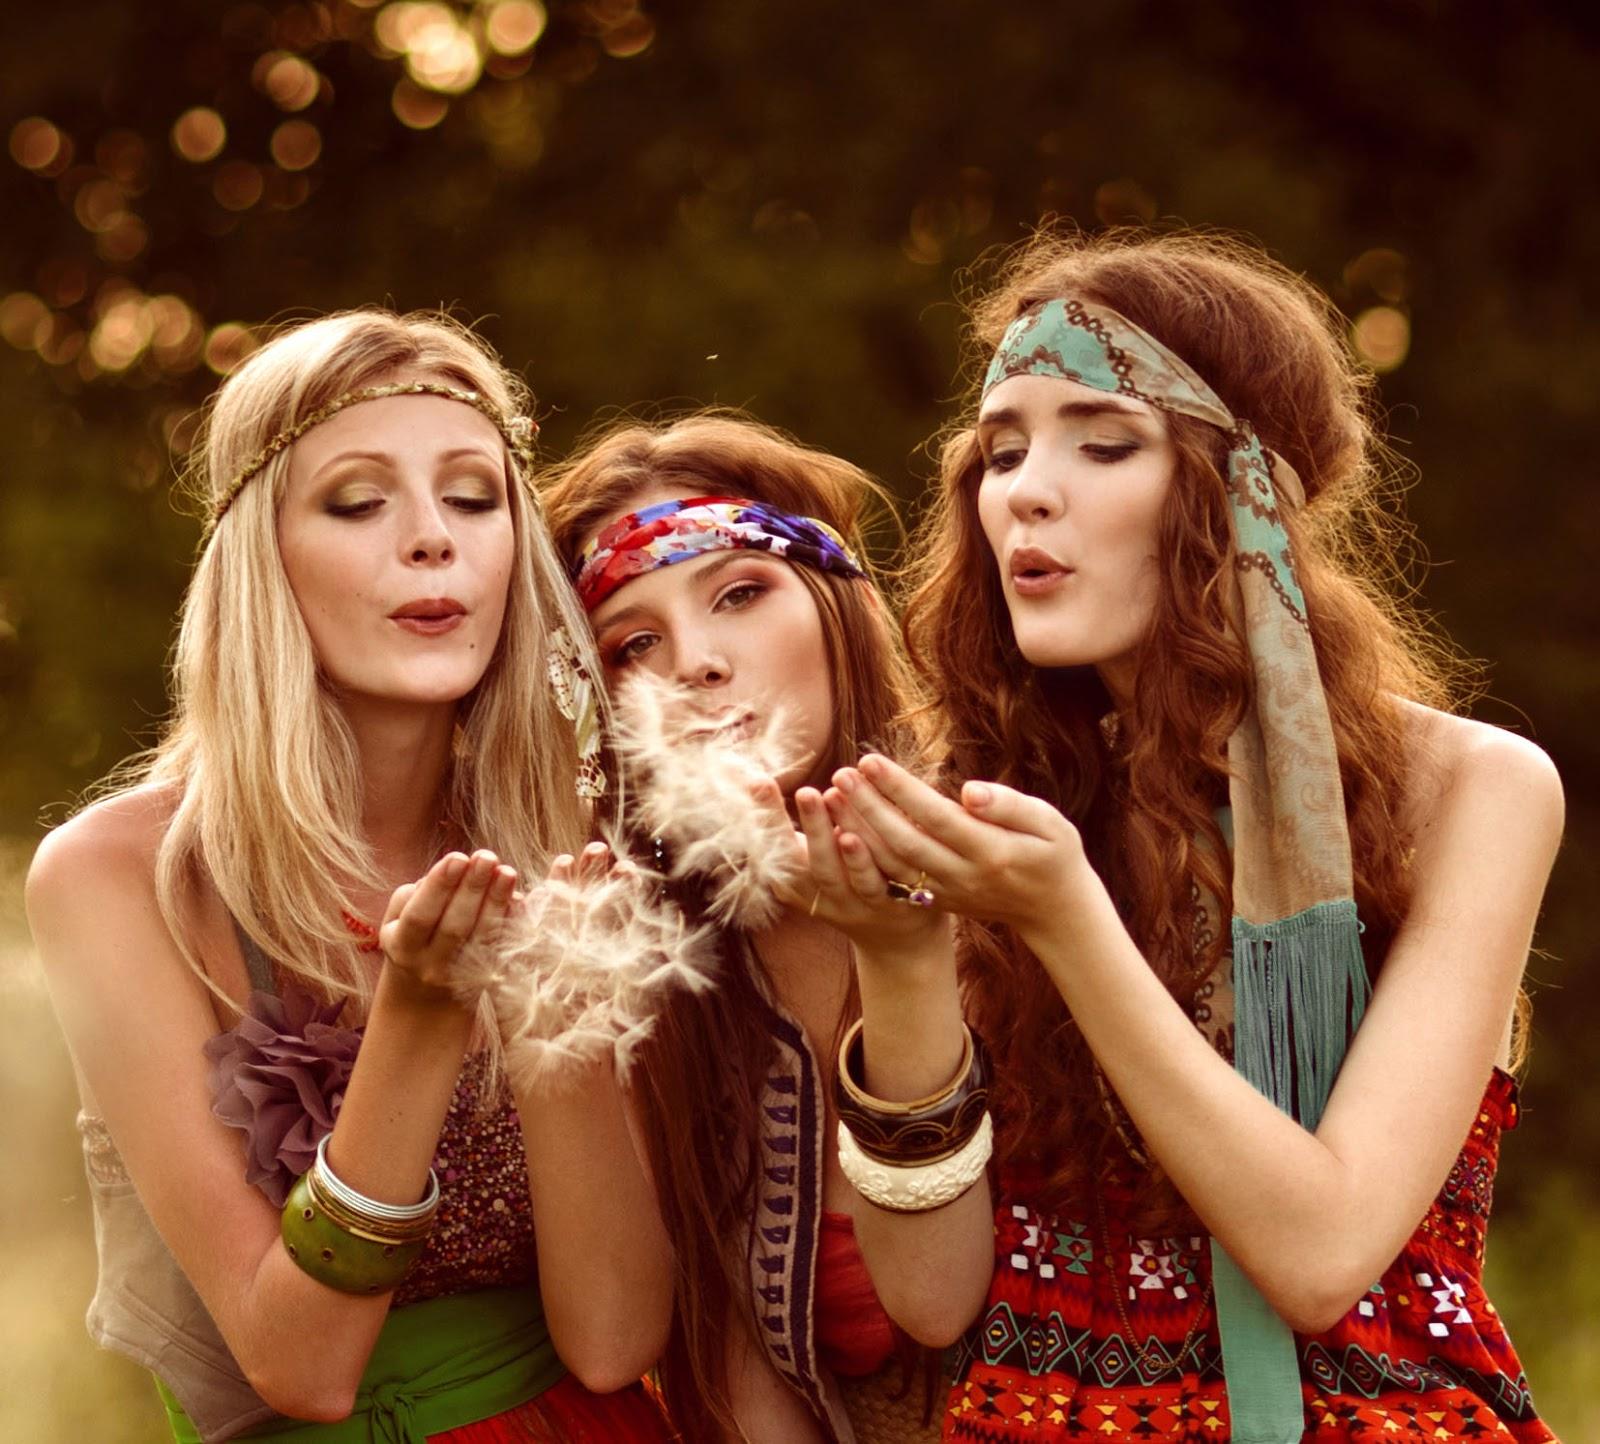 Clube da beleza e maquiagem anos 70 - Hippies anos 70 ...